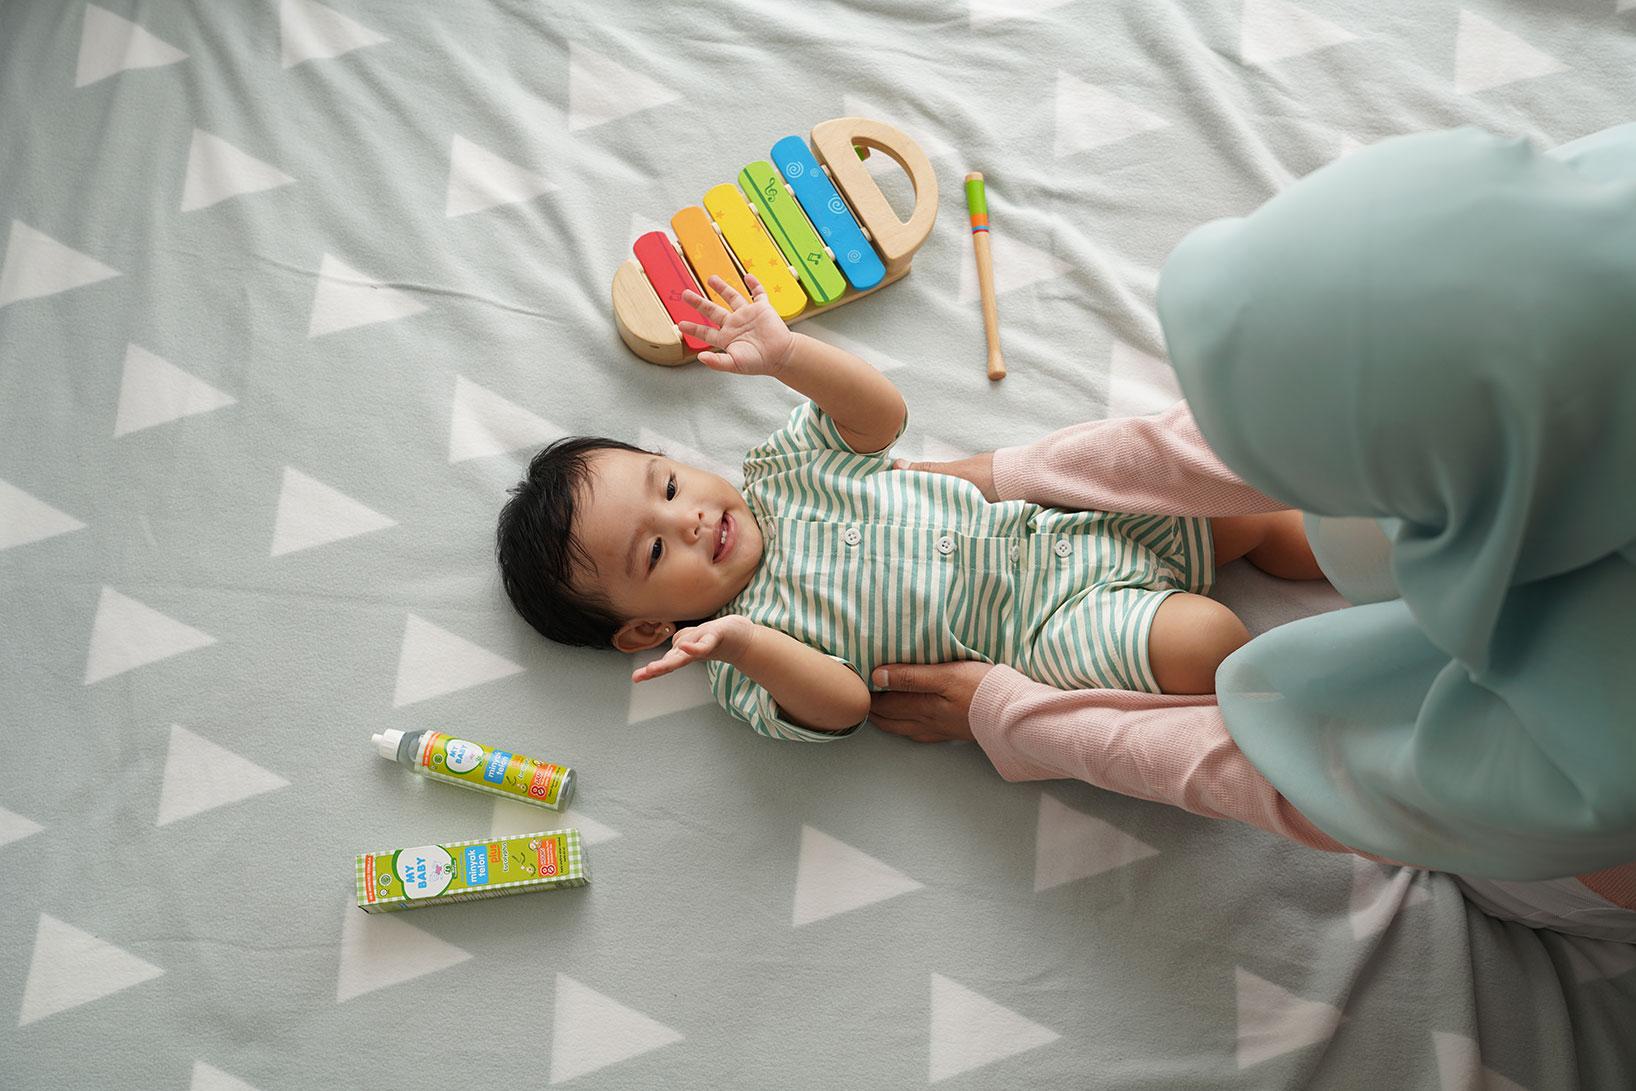 Menjaga Bayi Tetap Hangat di Musim Penghujan dengan MY BABY Minyak Telon